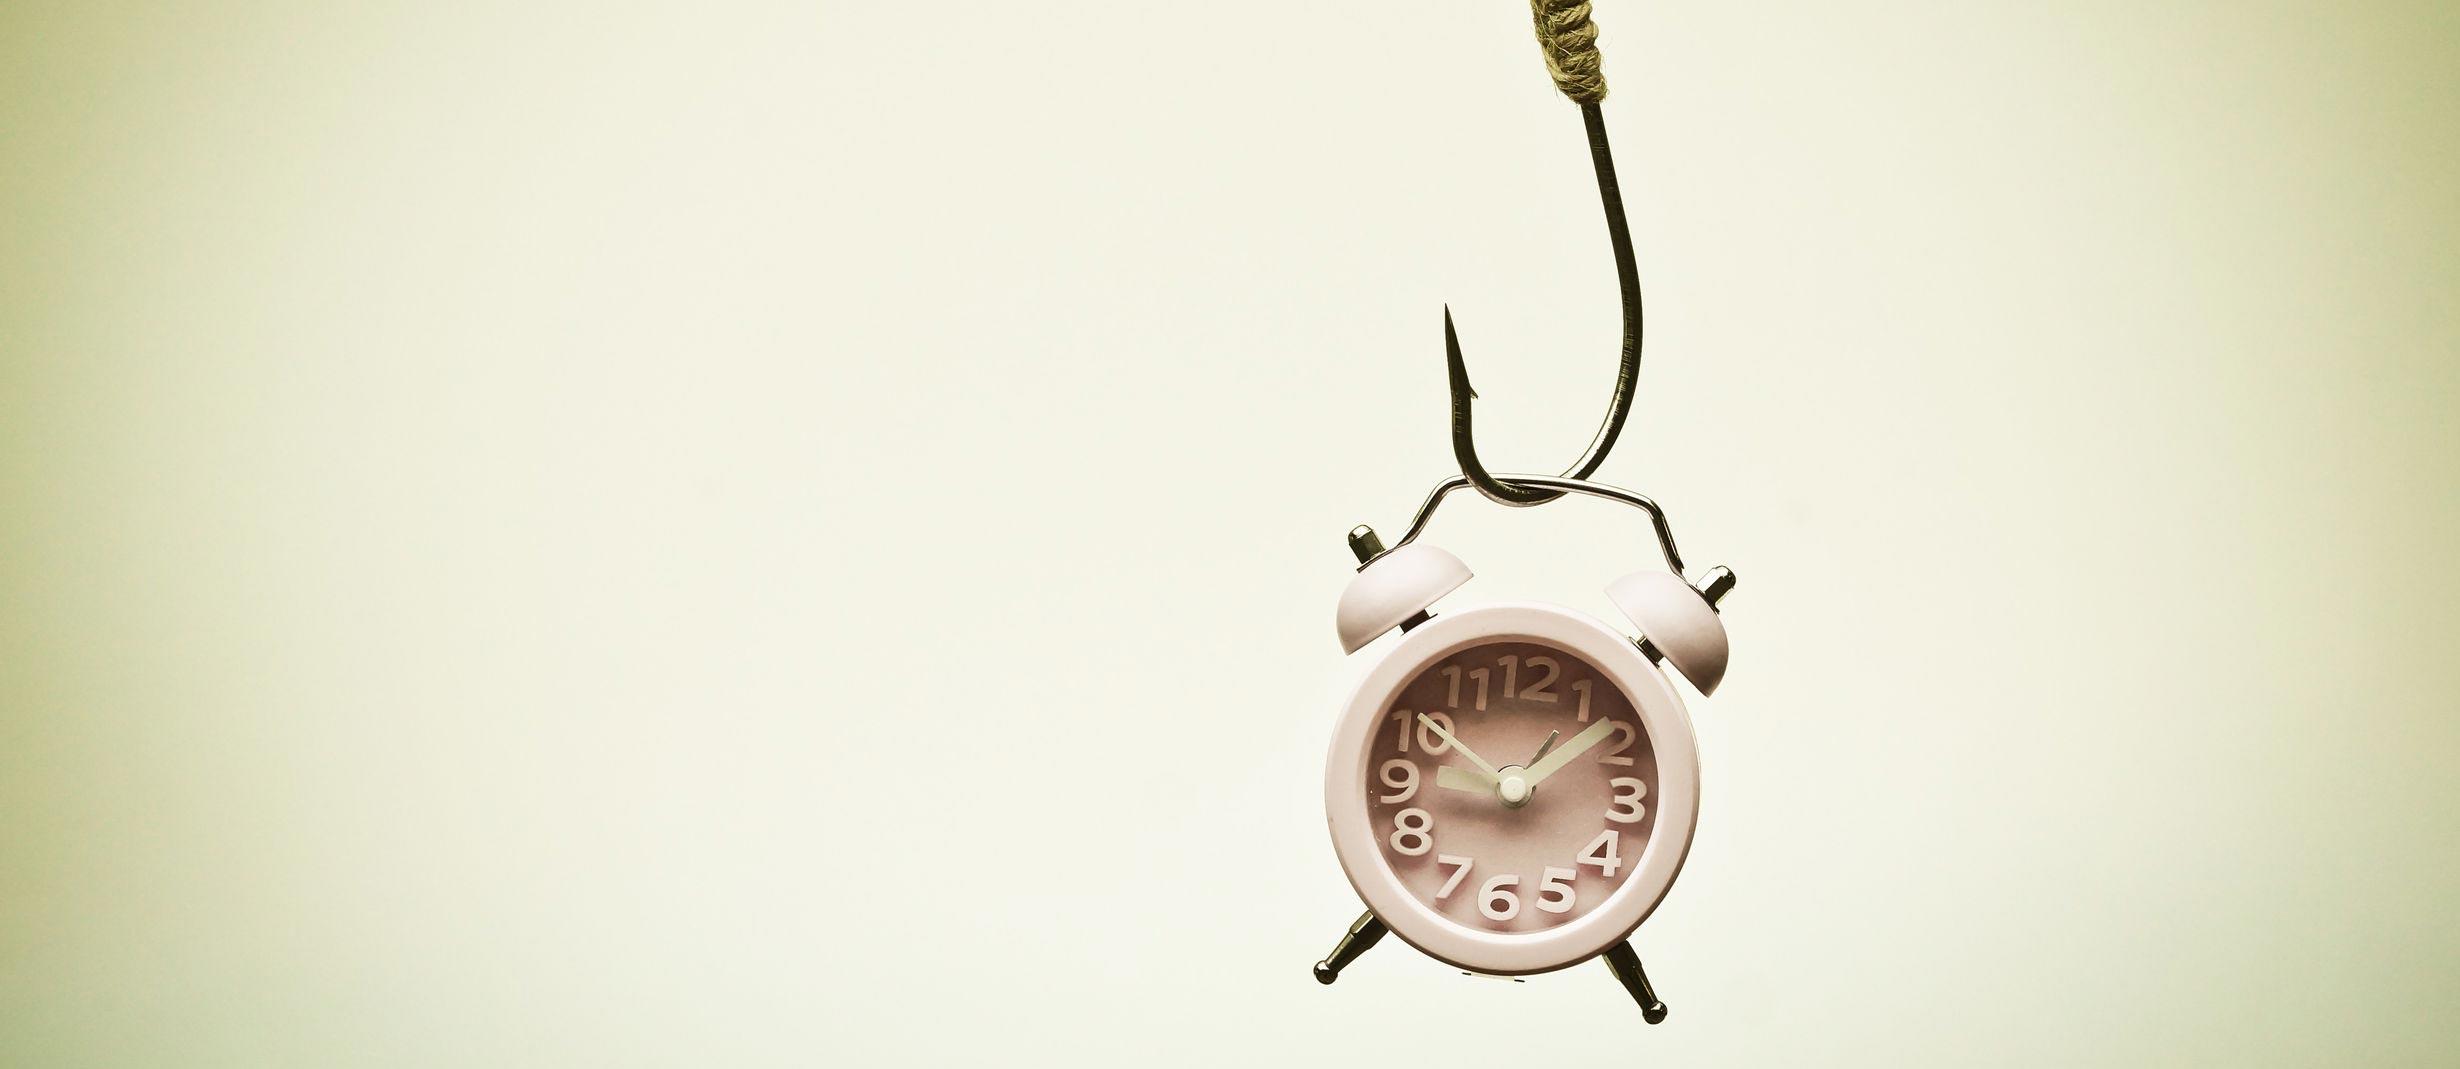 [Video] EDR ist wichtig: Wie man die Zeit bis zur Erkennung verkürzt